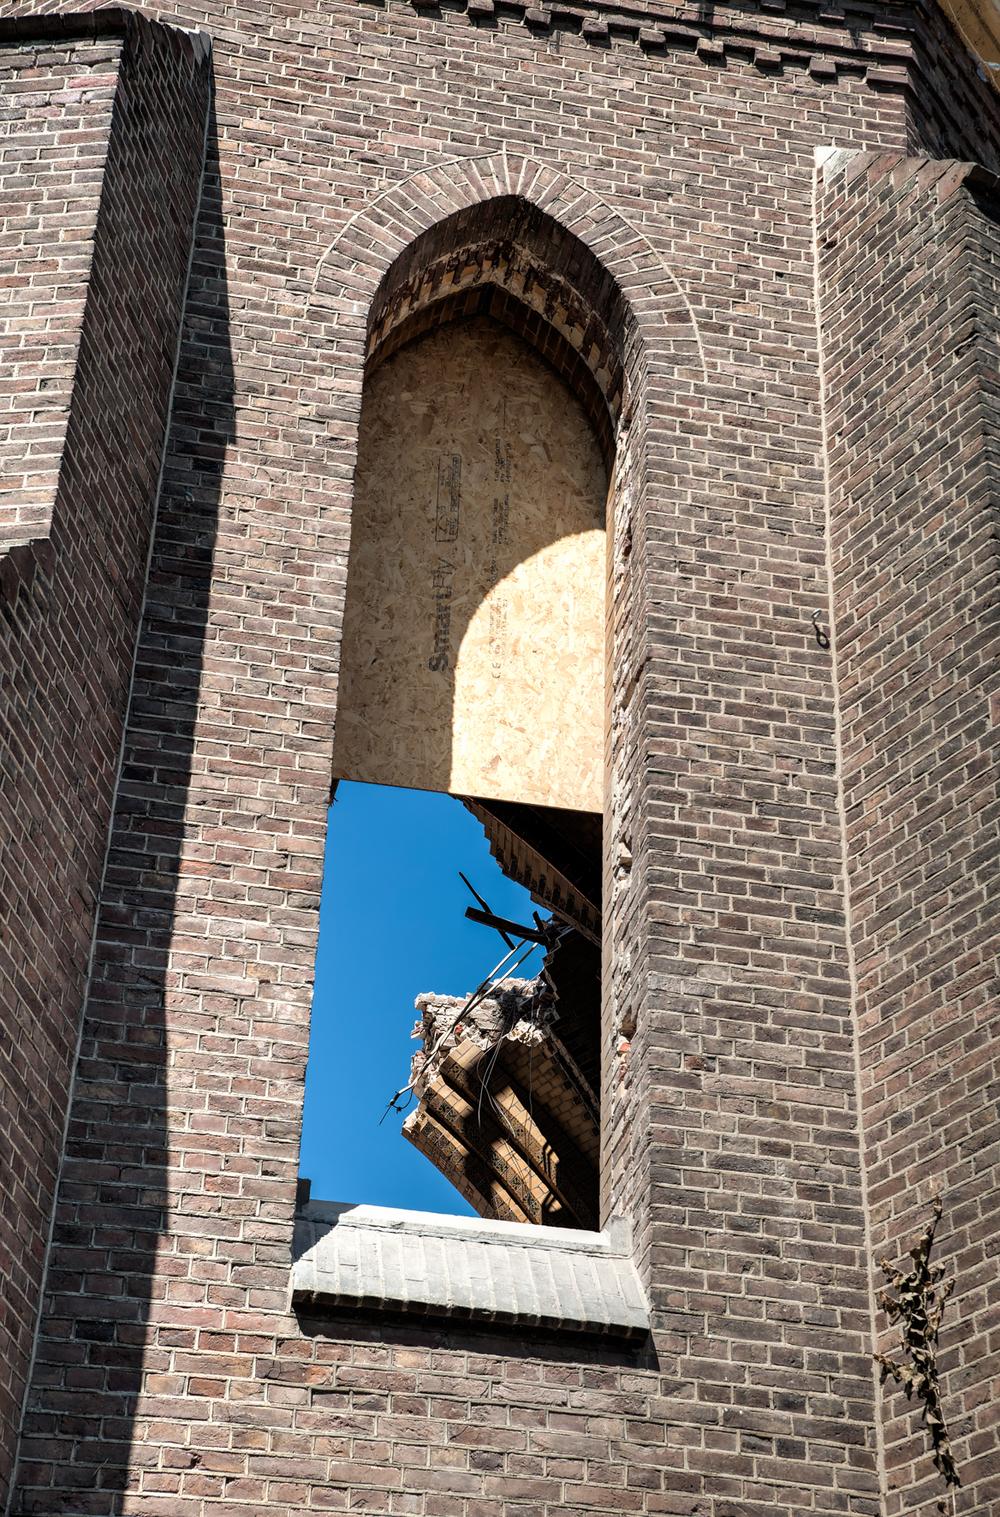 Rector_Driessenstraat-125.jpg